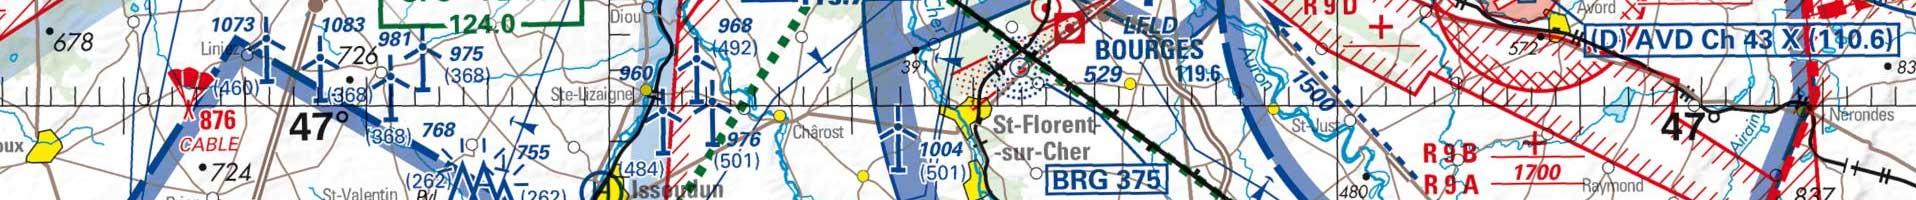 Carte aéronautique OACI / IGN 3e niveau d'agrandissement